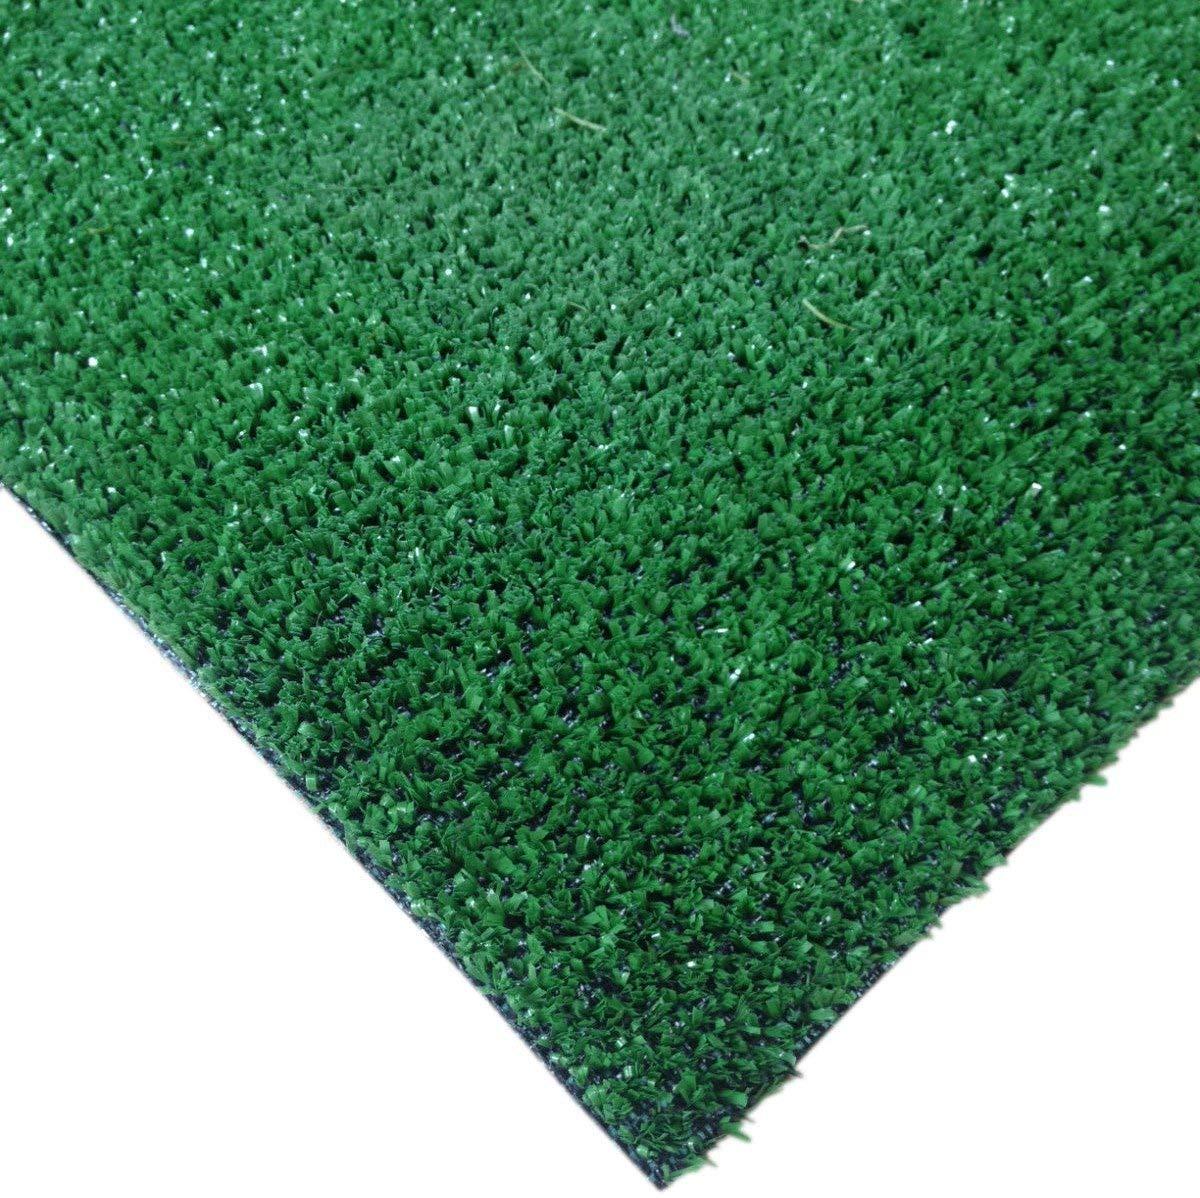 Buy Synturfmats Green Artificial Grass Carpet Rug Indoor Outdoor